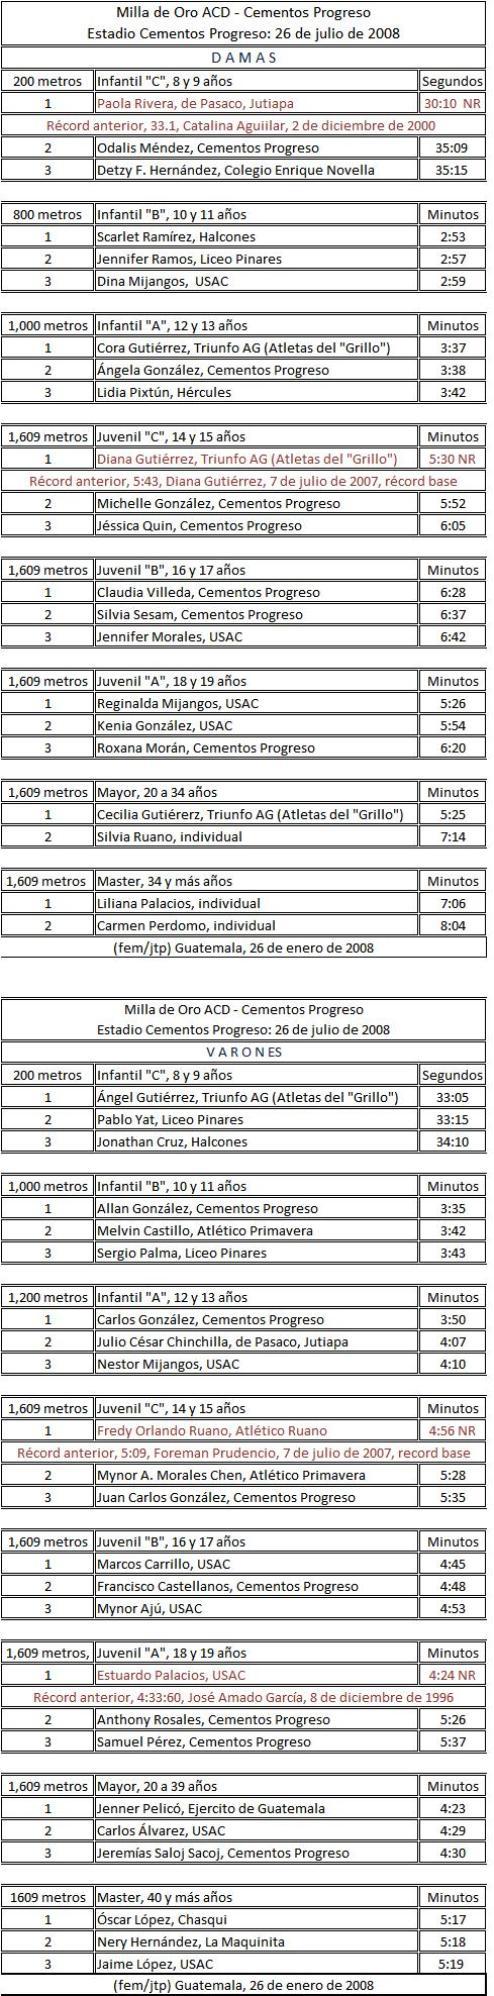 Milla de oro ACD-Cementos Progreso -2008 -resultados